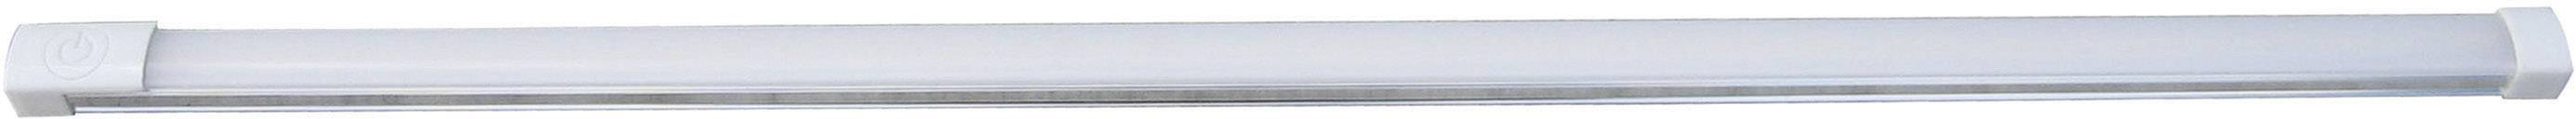 LED podhľadové svetlo DioDor Diodor lichtbalk DIO-TL100-FW, 16 W, 100 cm, chladná biela, biela